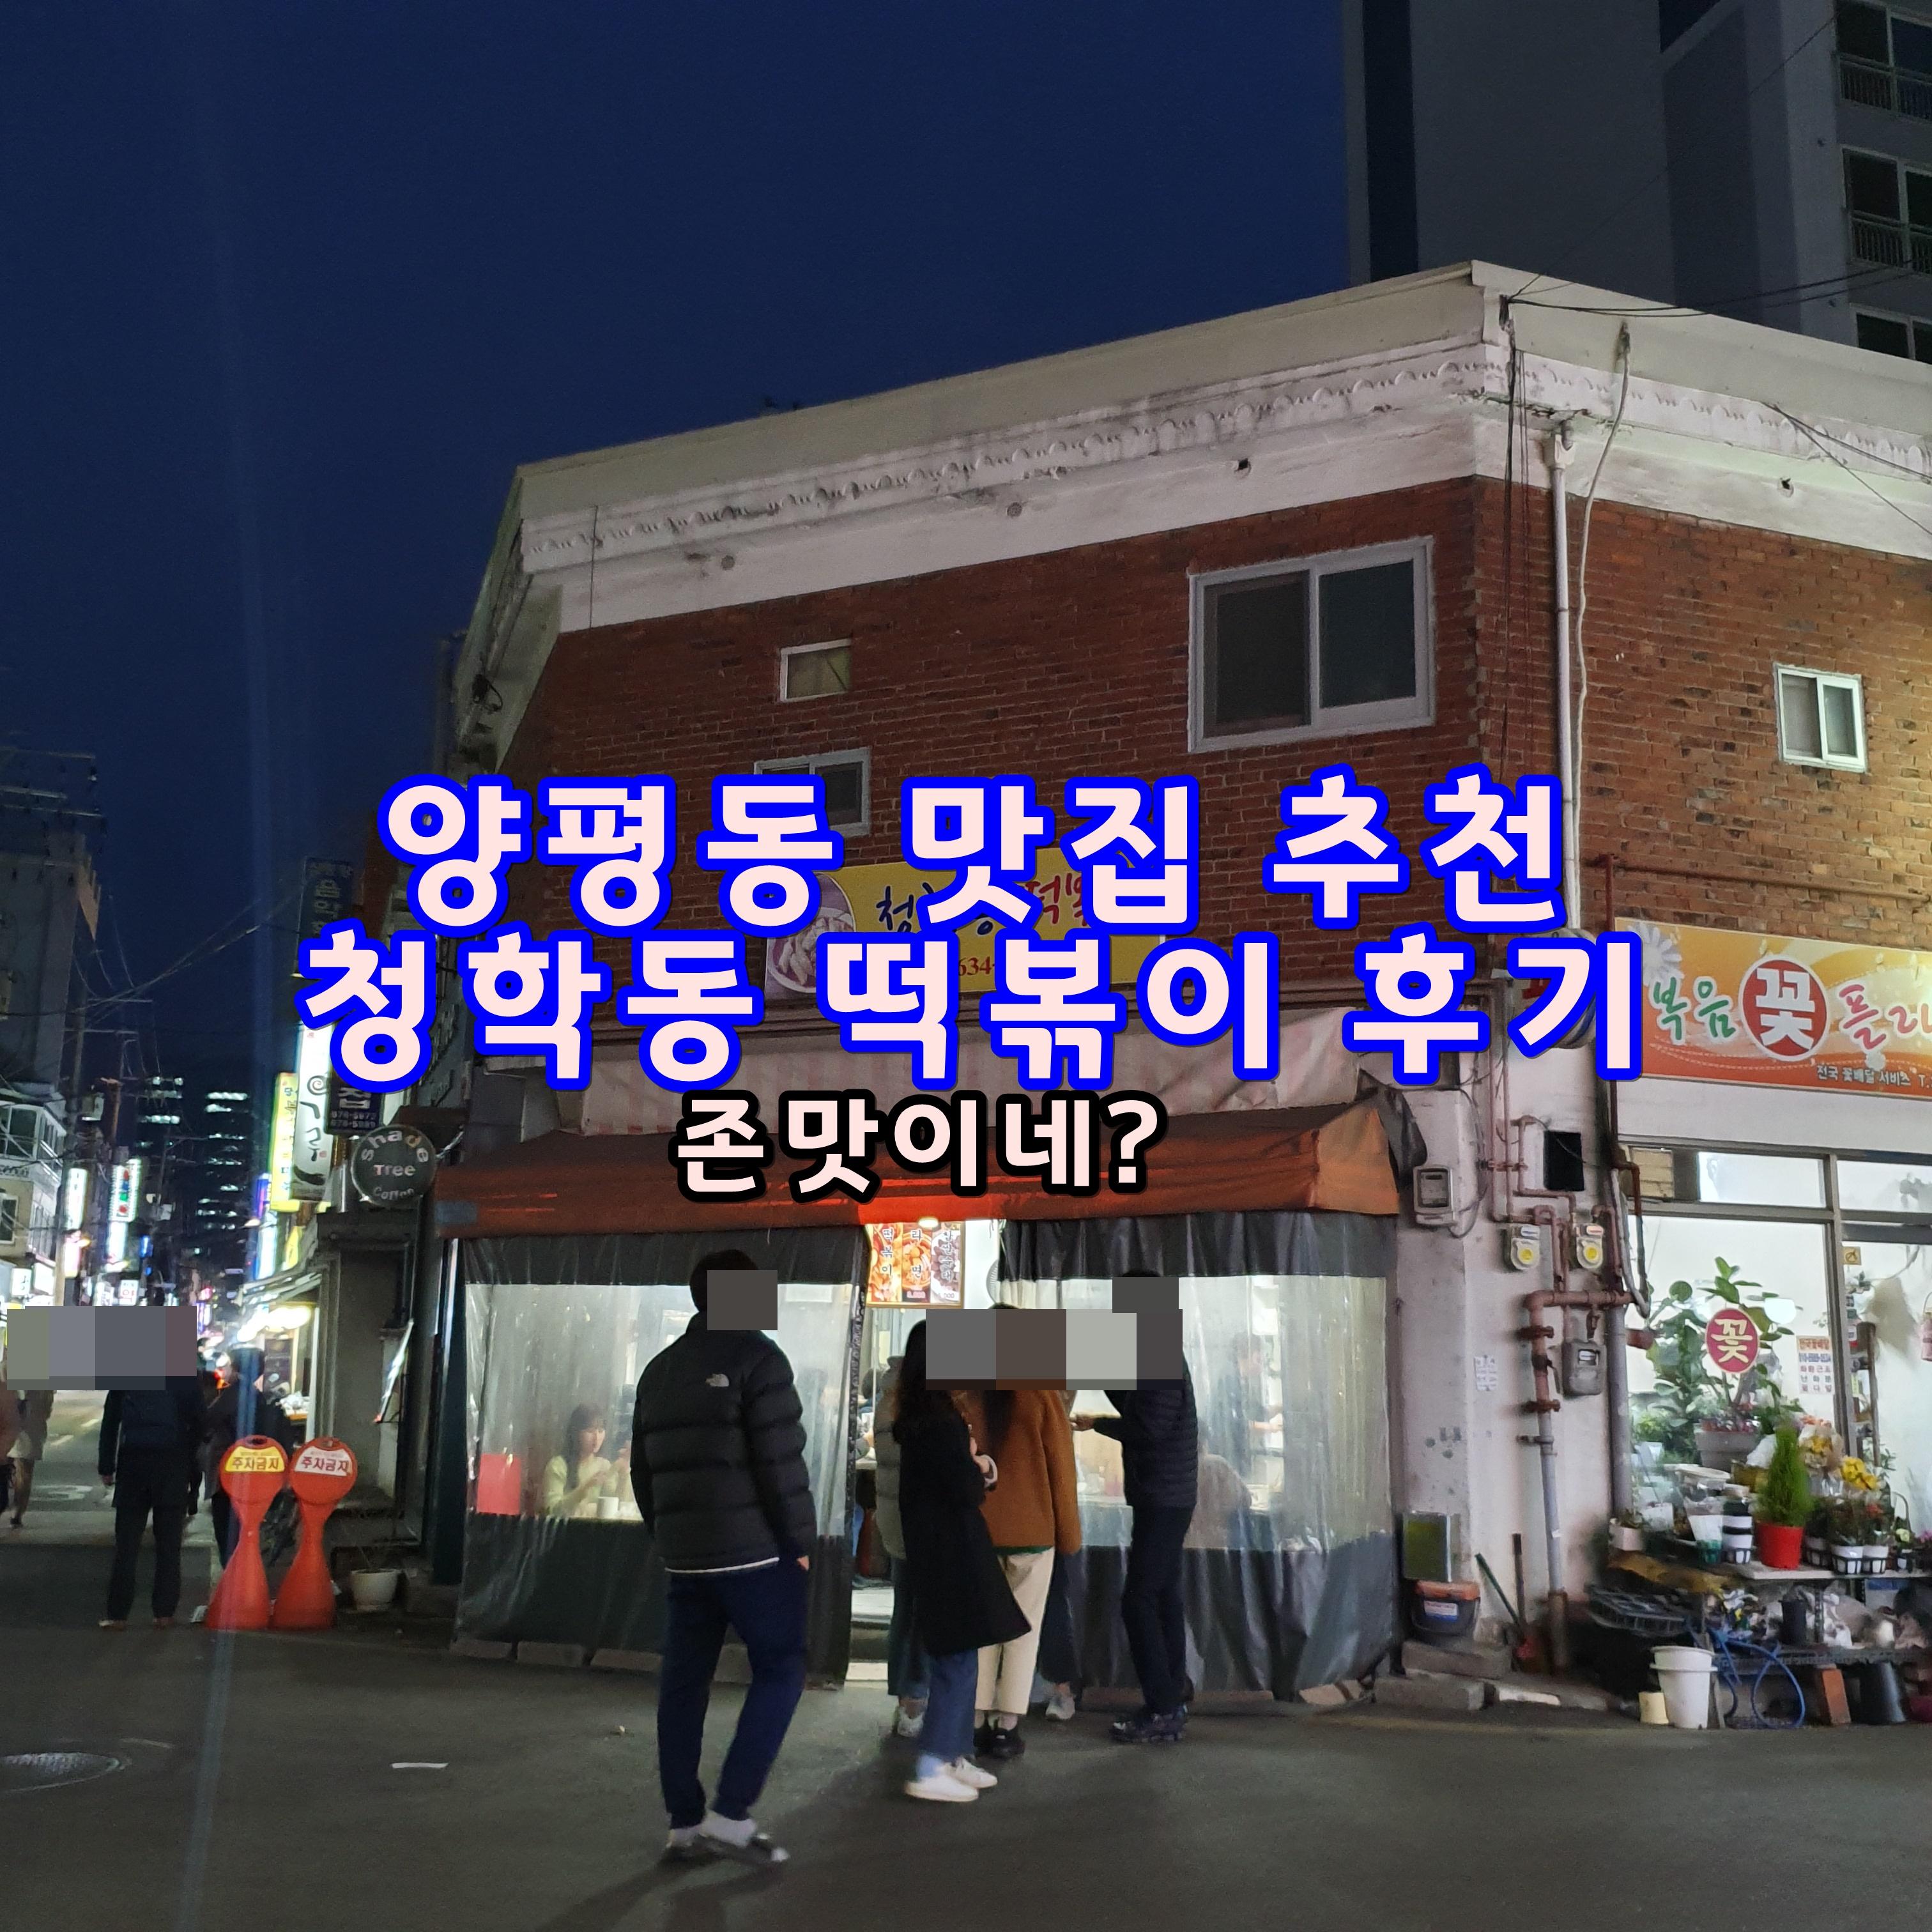 영등포구청 맛집 추천, 청학동떡볶이 솔직후기